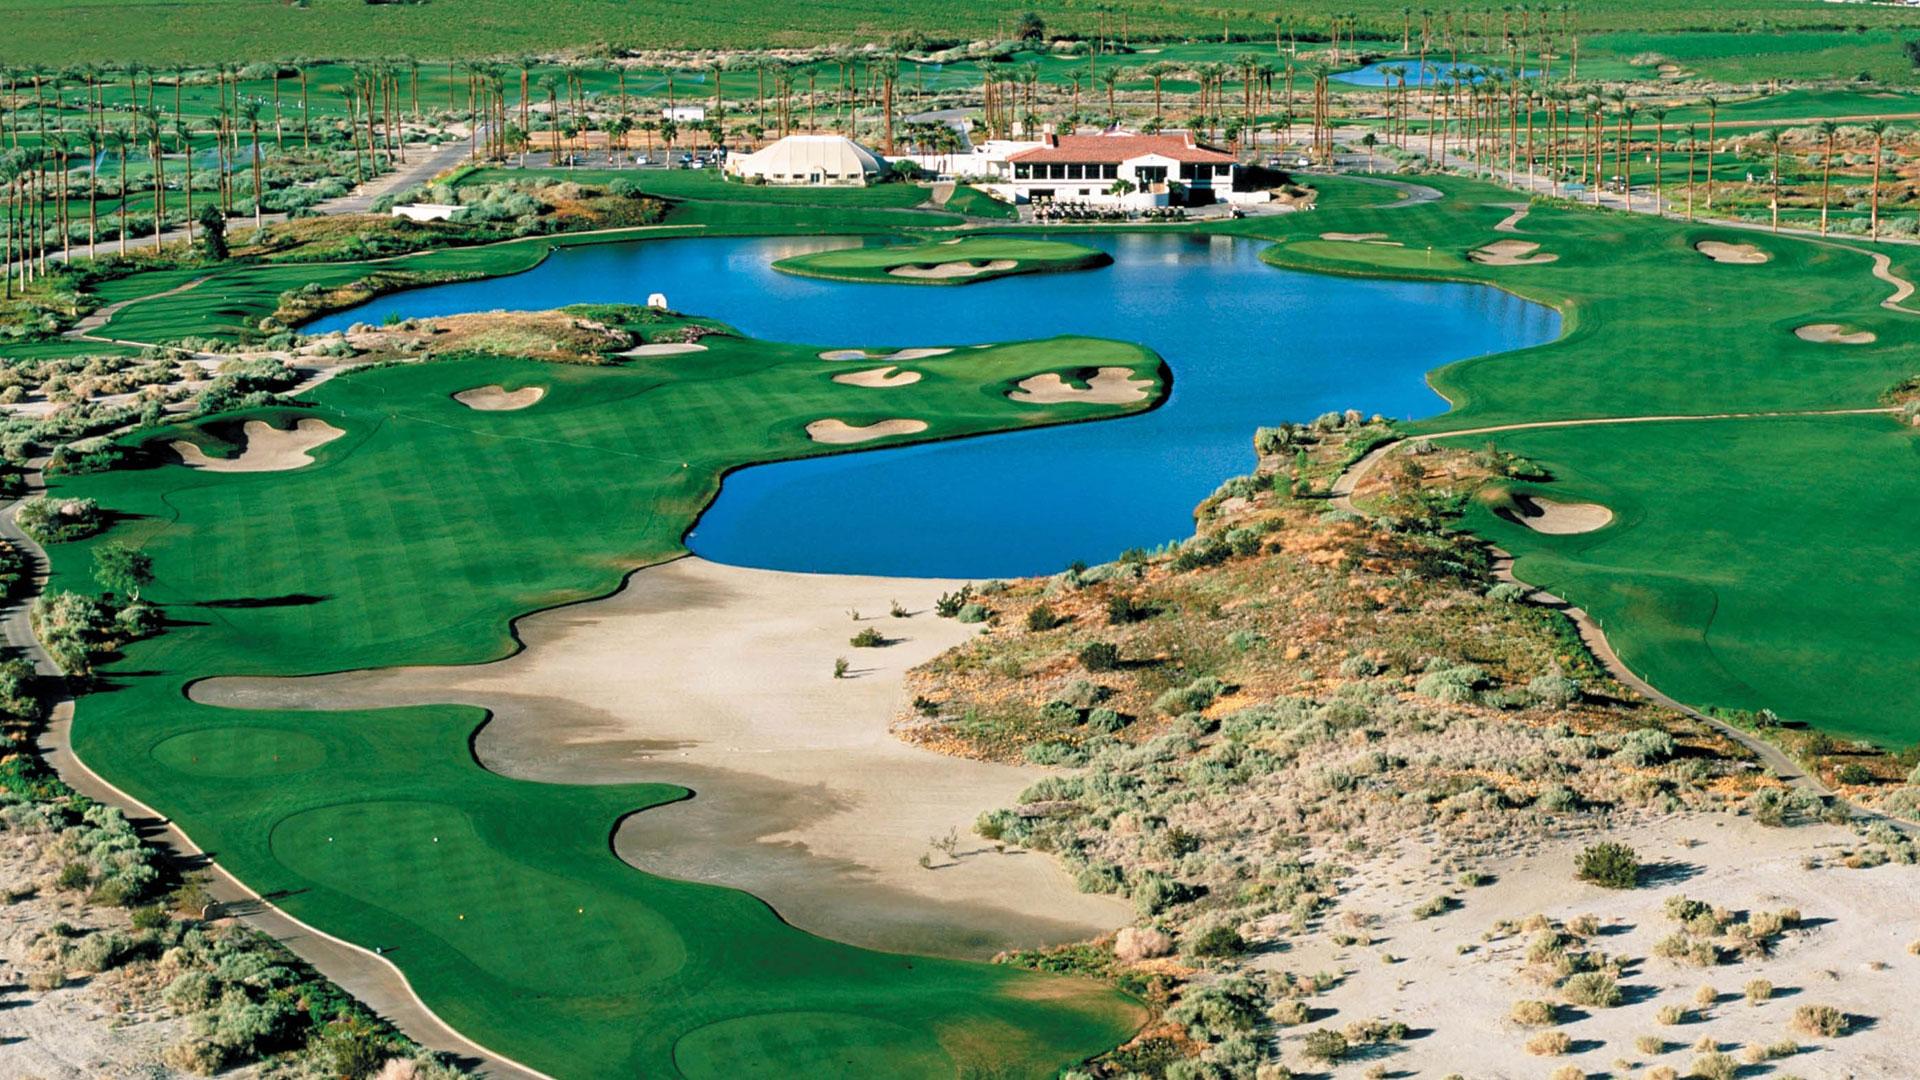 terra lago golf club